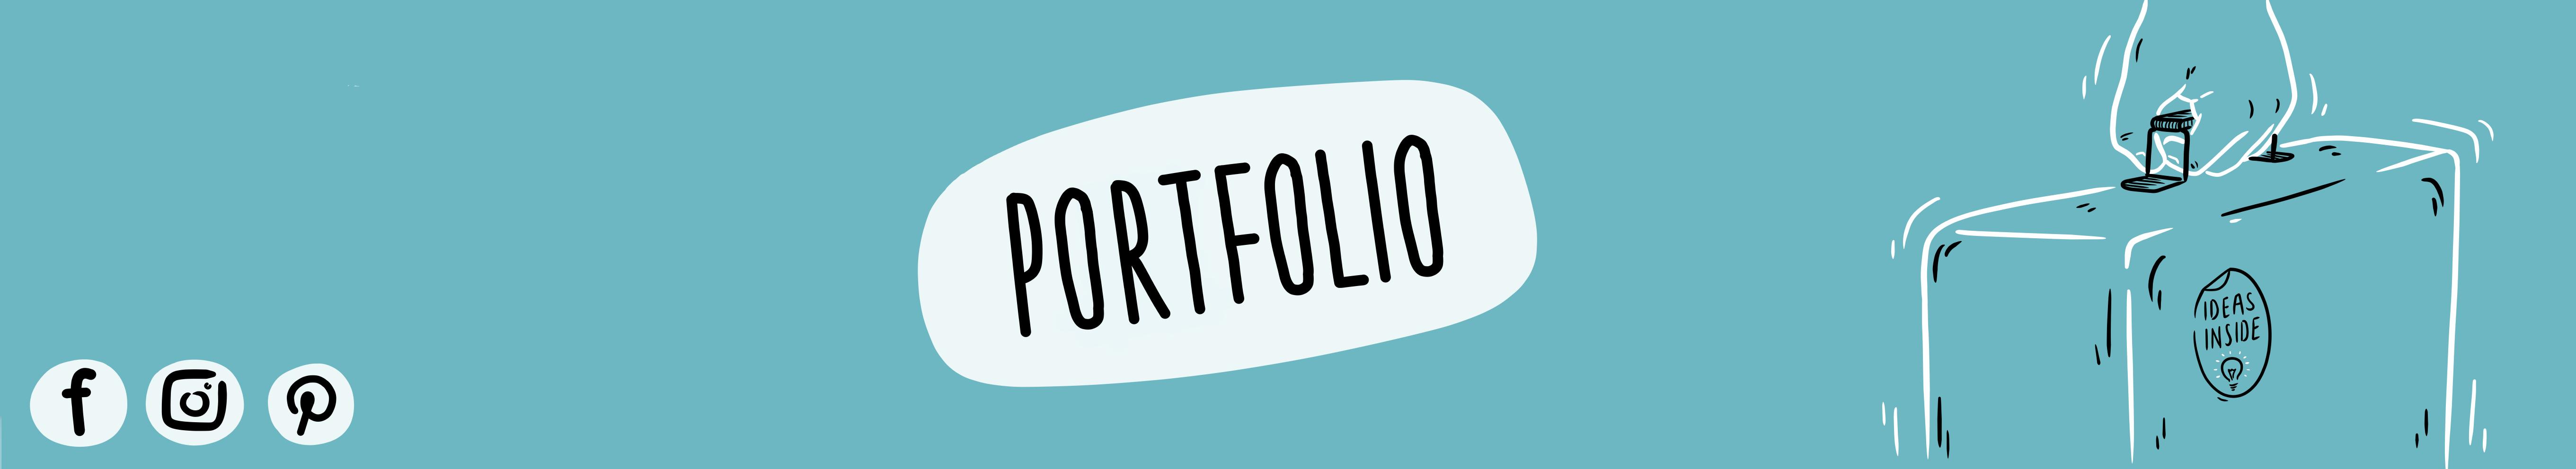 Headerbild Portfolio | handundstift.de - Der kreative Blog rund um digitale Illustration aus Potsdam